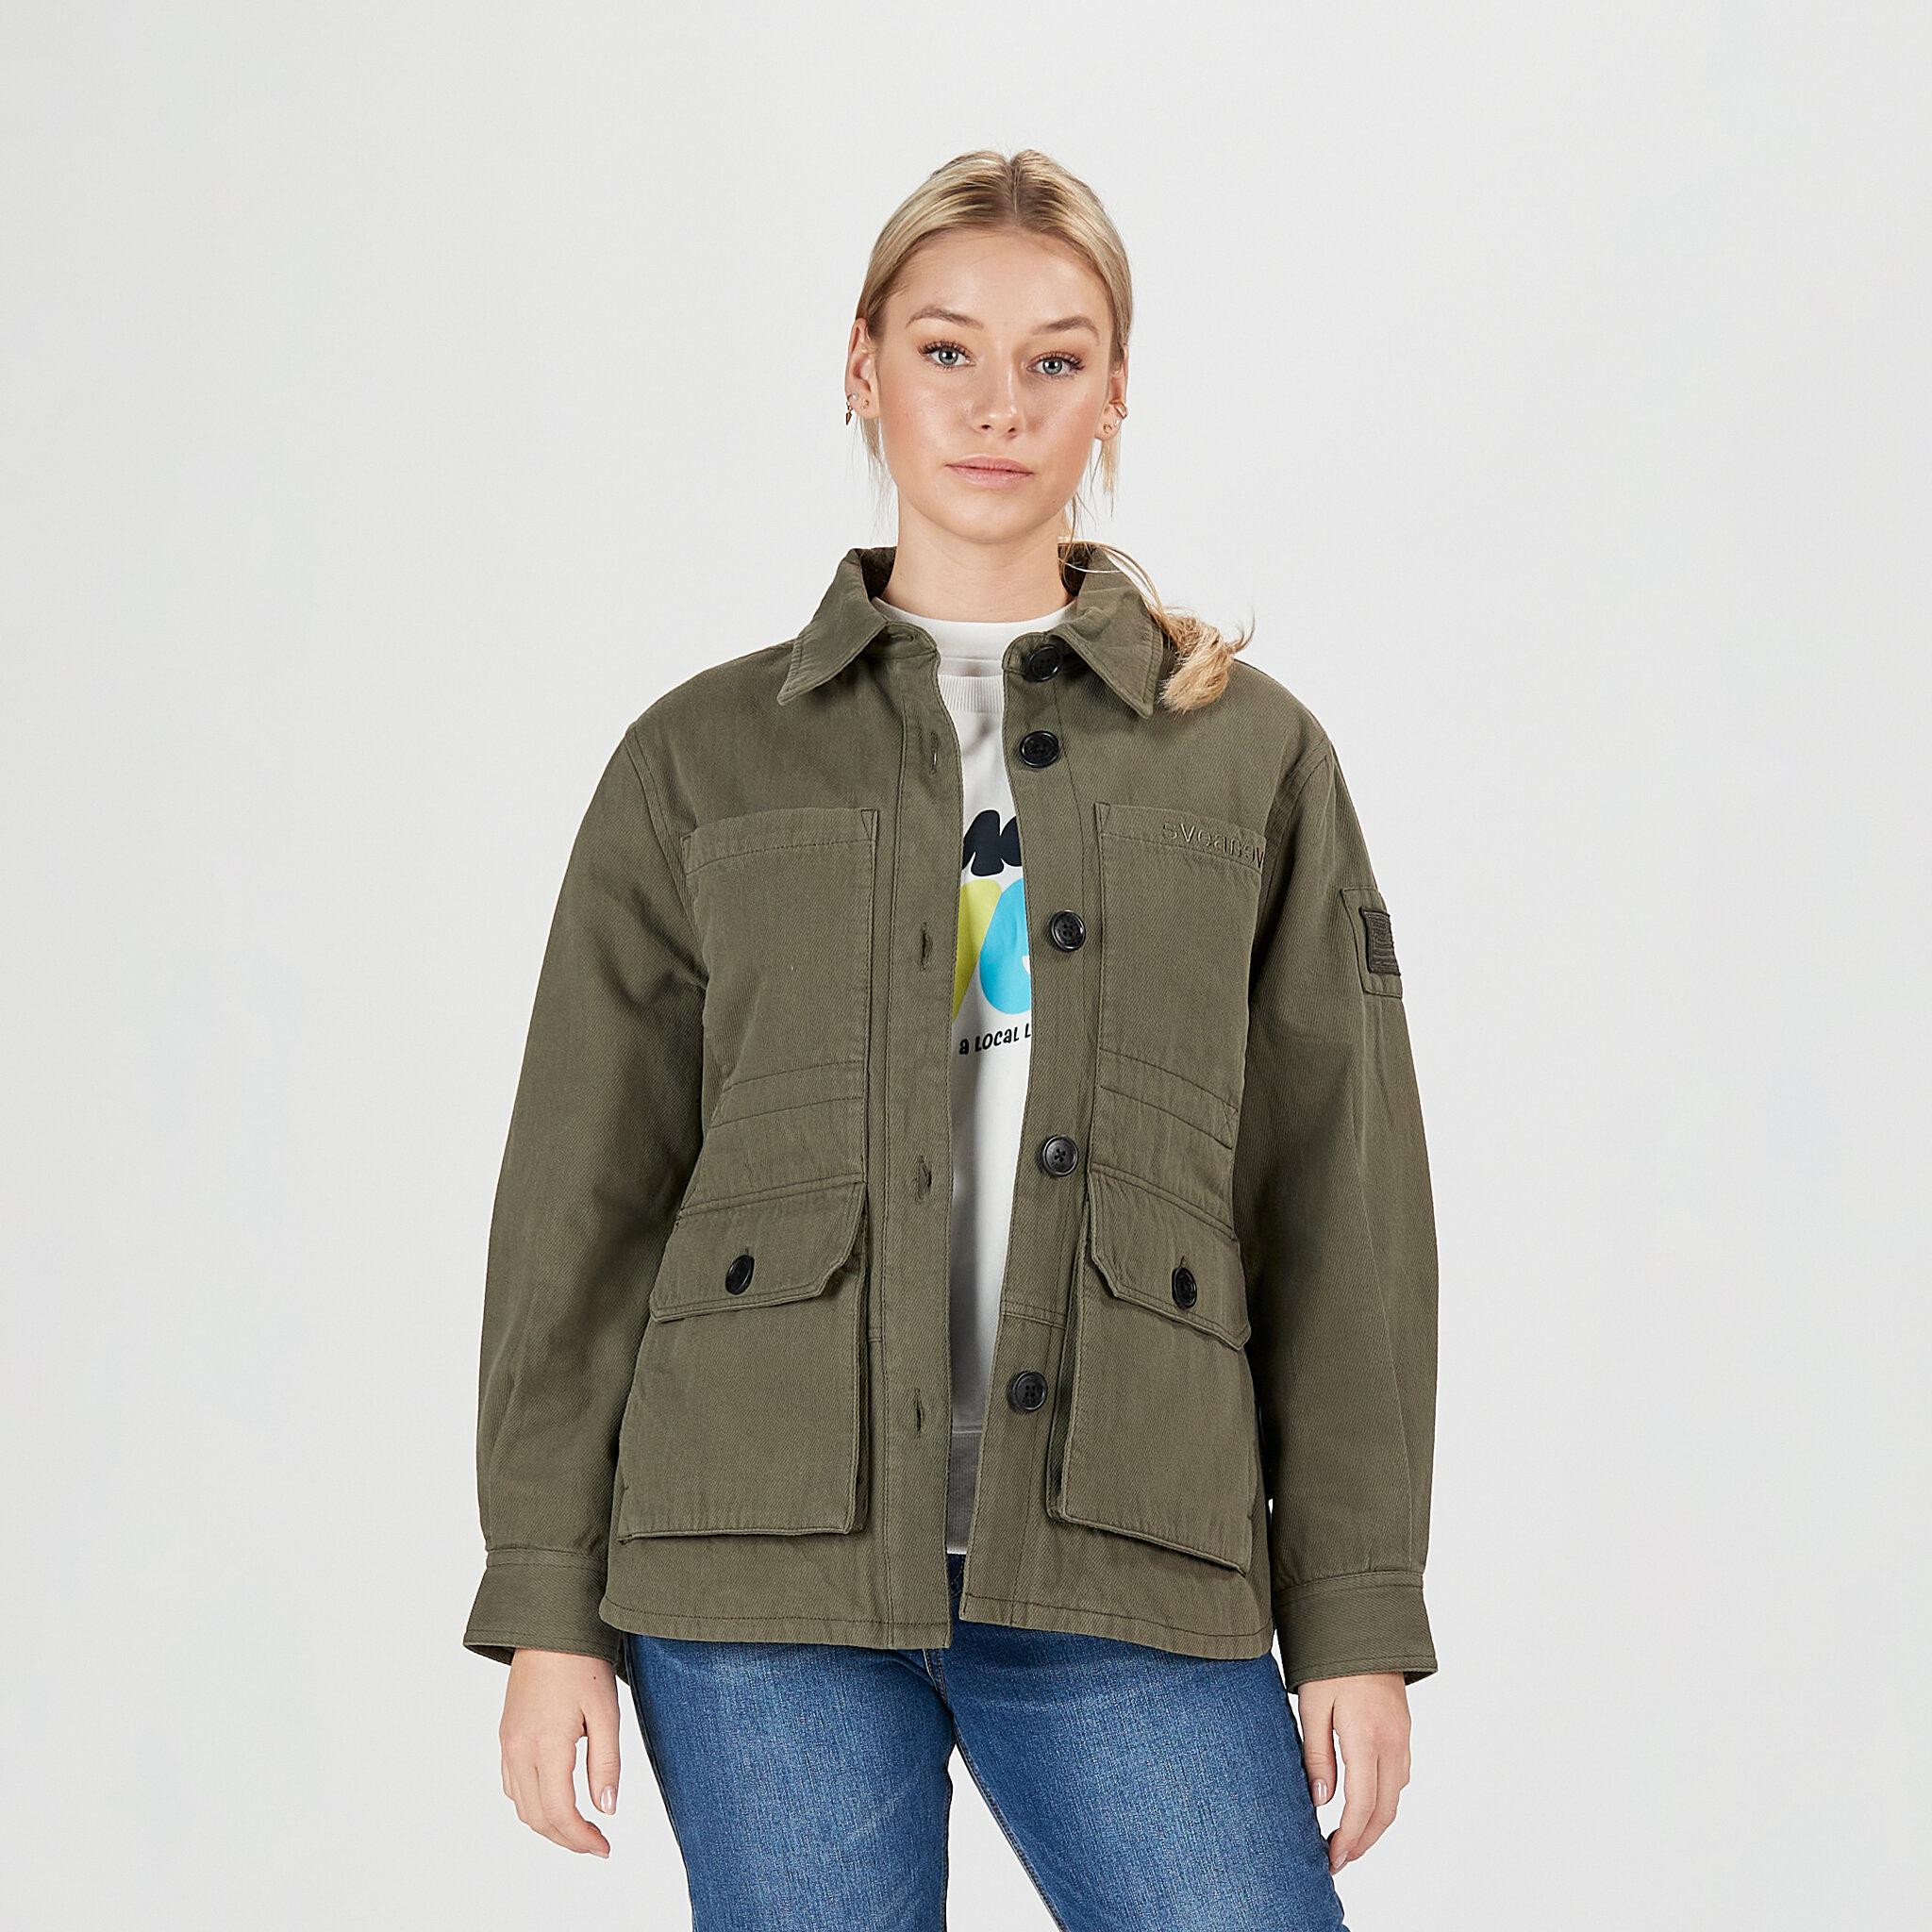 W. Utility Jacket